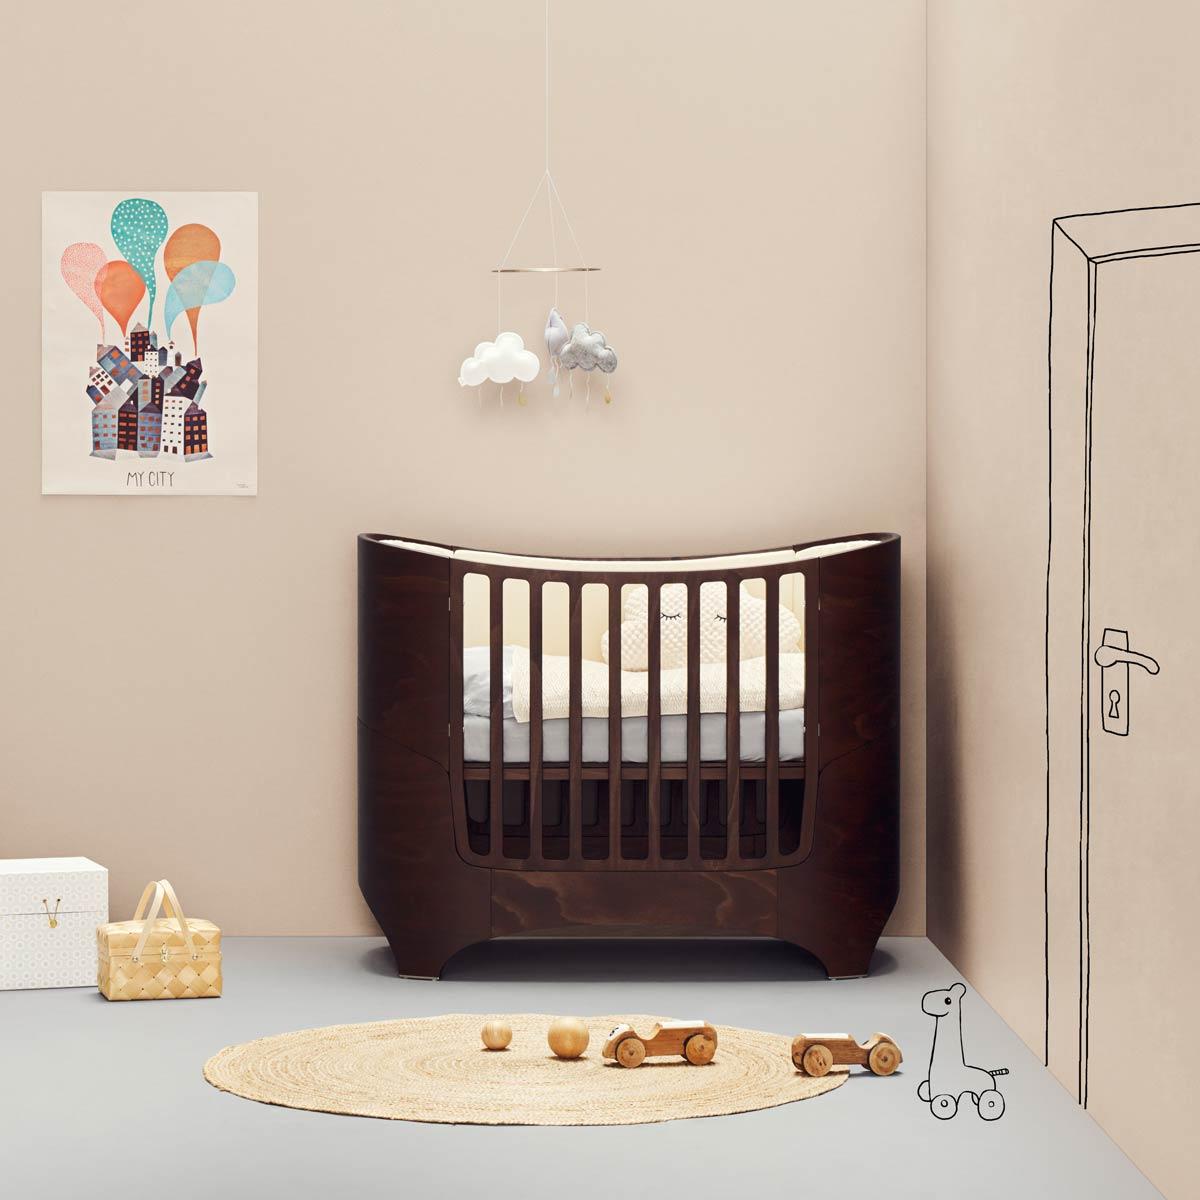 Full Size of Leander Bett Baby Junior Walnuss Online Kaufen Außergewöhnliche Betten Bettkasten Massiv 180x200 Buche 200x200 Bette Badewannen Funktions Mit Schubladen Bett Leander Bett